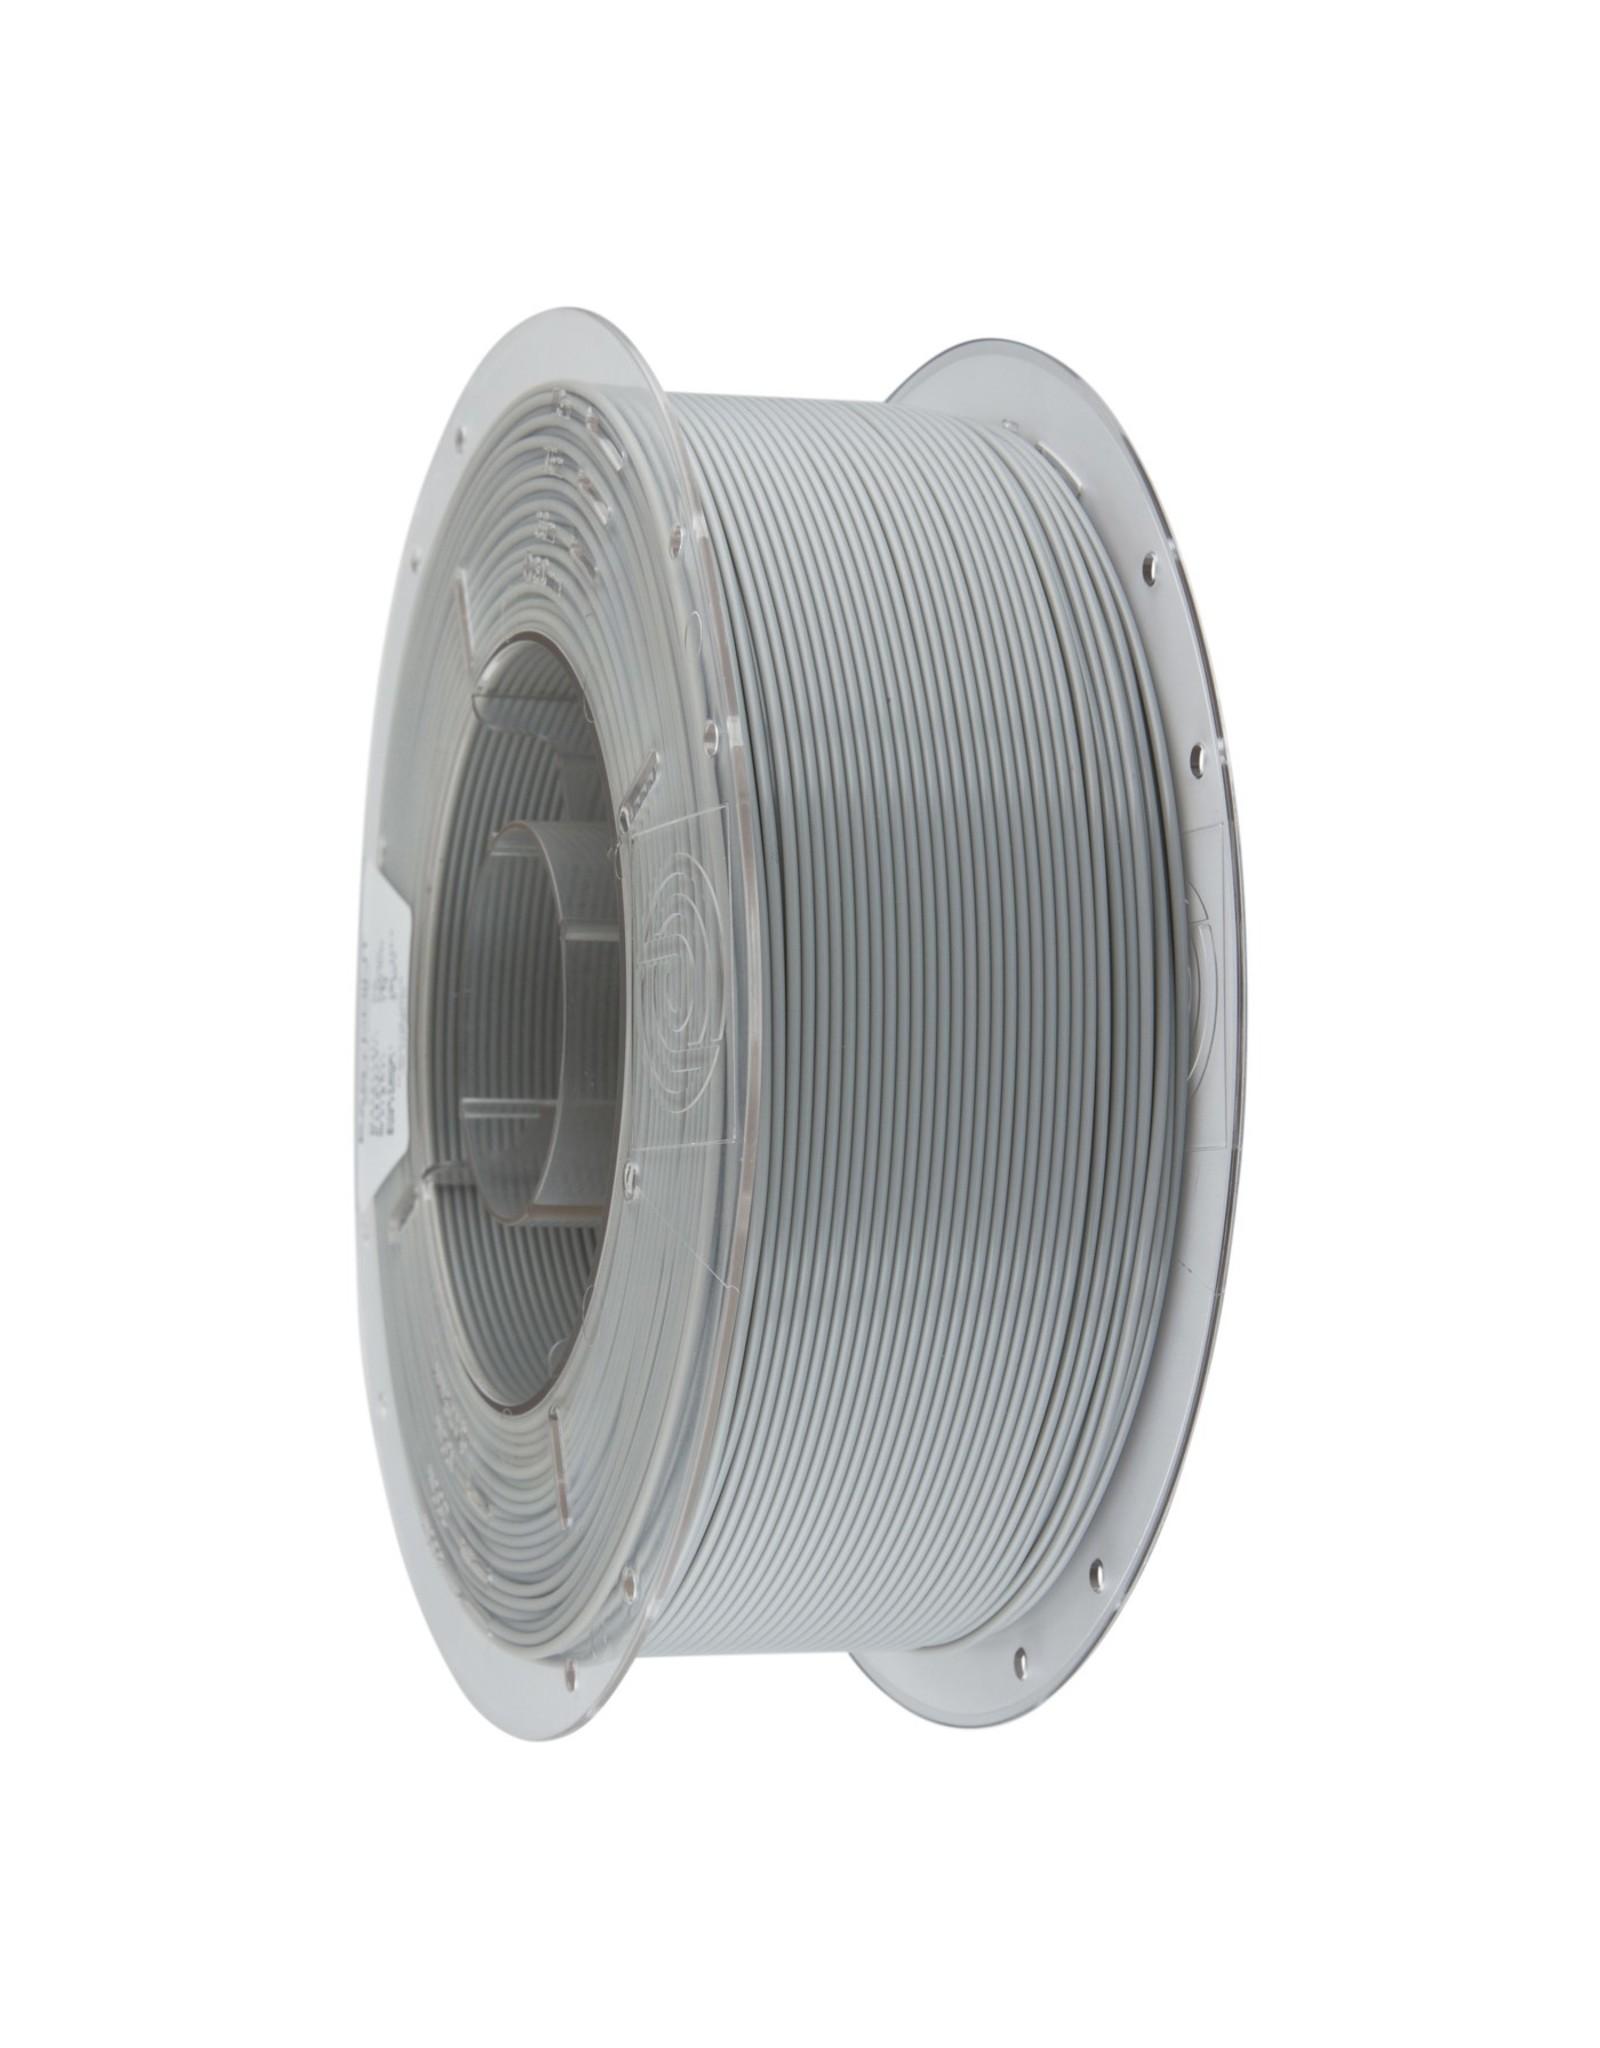 Prima Prima Easyprint PLA 1.75mm 1kg Light grey